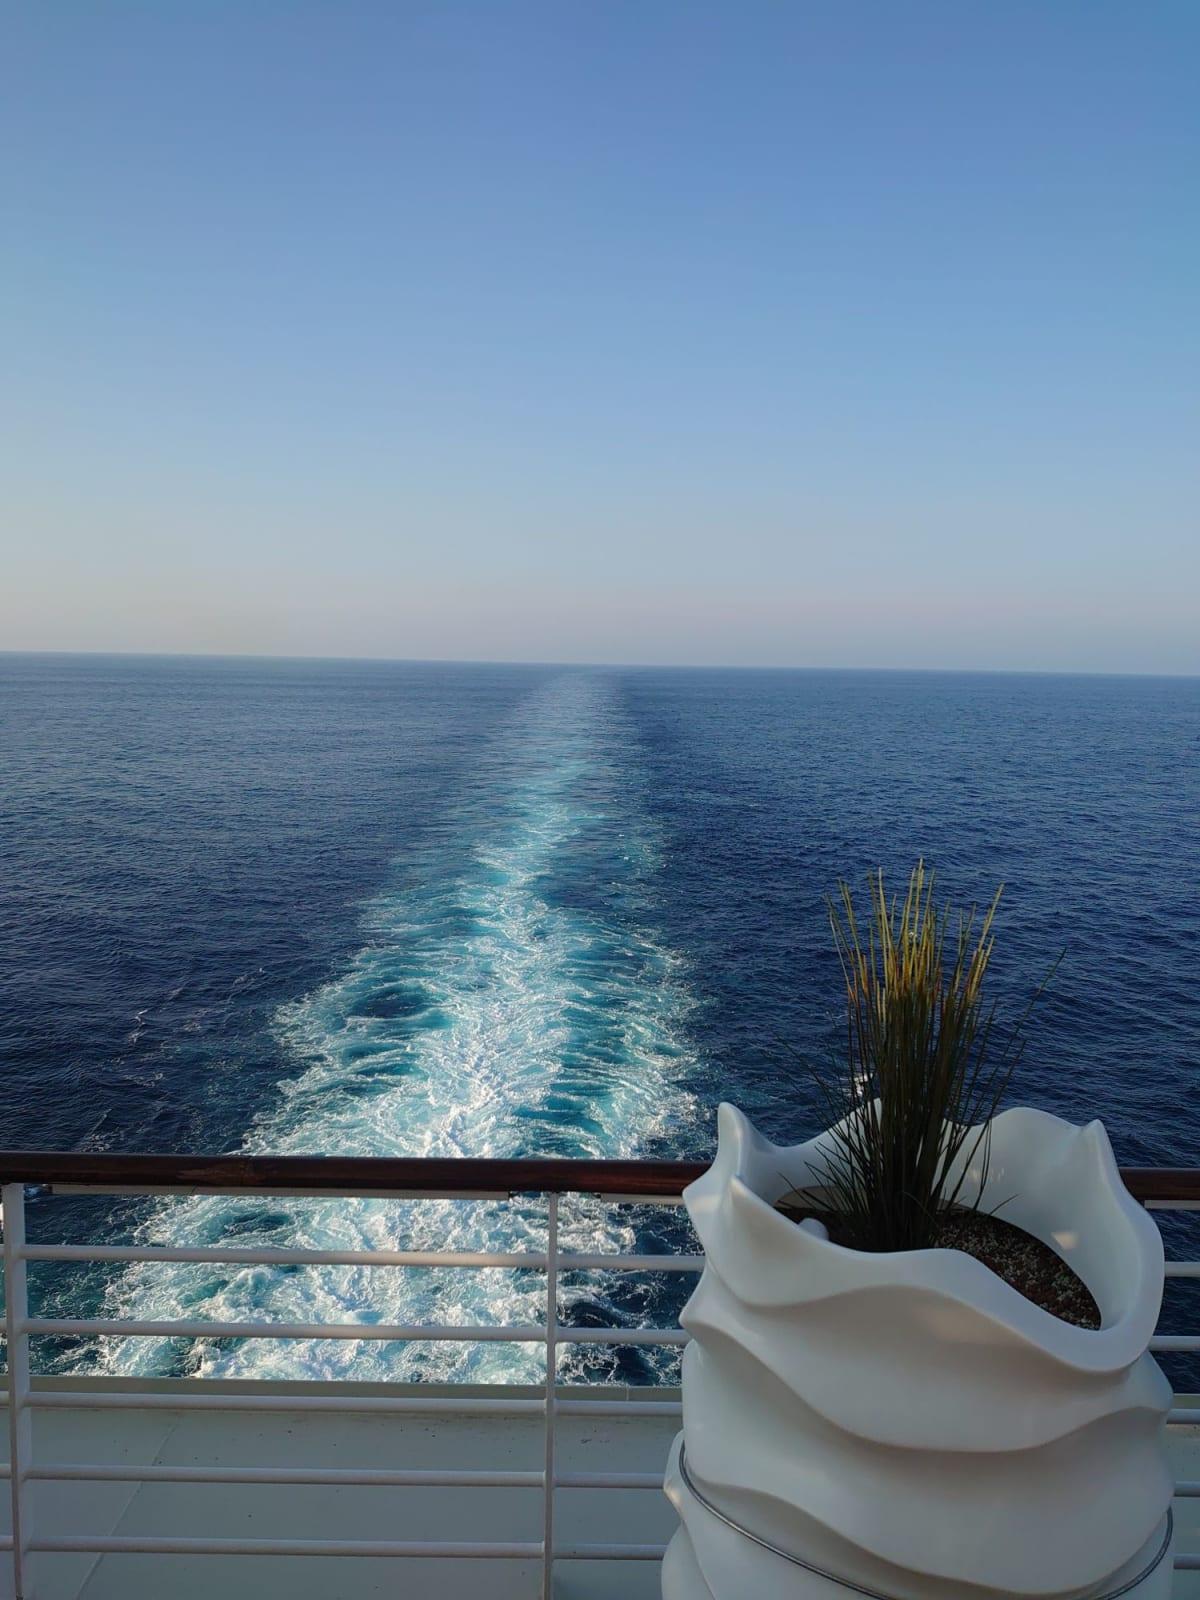 今回のクルーズを総括しますと セレブリティミレミアムはワンランク上のクルーズ…といったところでしょうか? セレブがゆったり楽しむ感じ…とでもいいましょうか 庶民の私にはカジュアルせんが合っていると思いました♪ 何事も経験なので、楽しい船旅でした。 | 客船セレブリティ・ミレニアムの船内施設